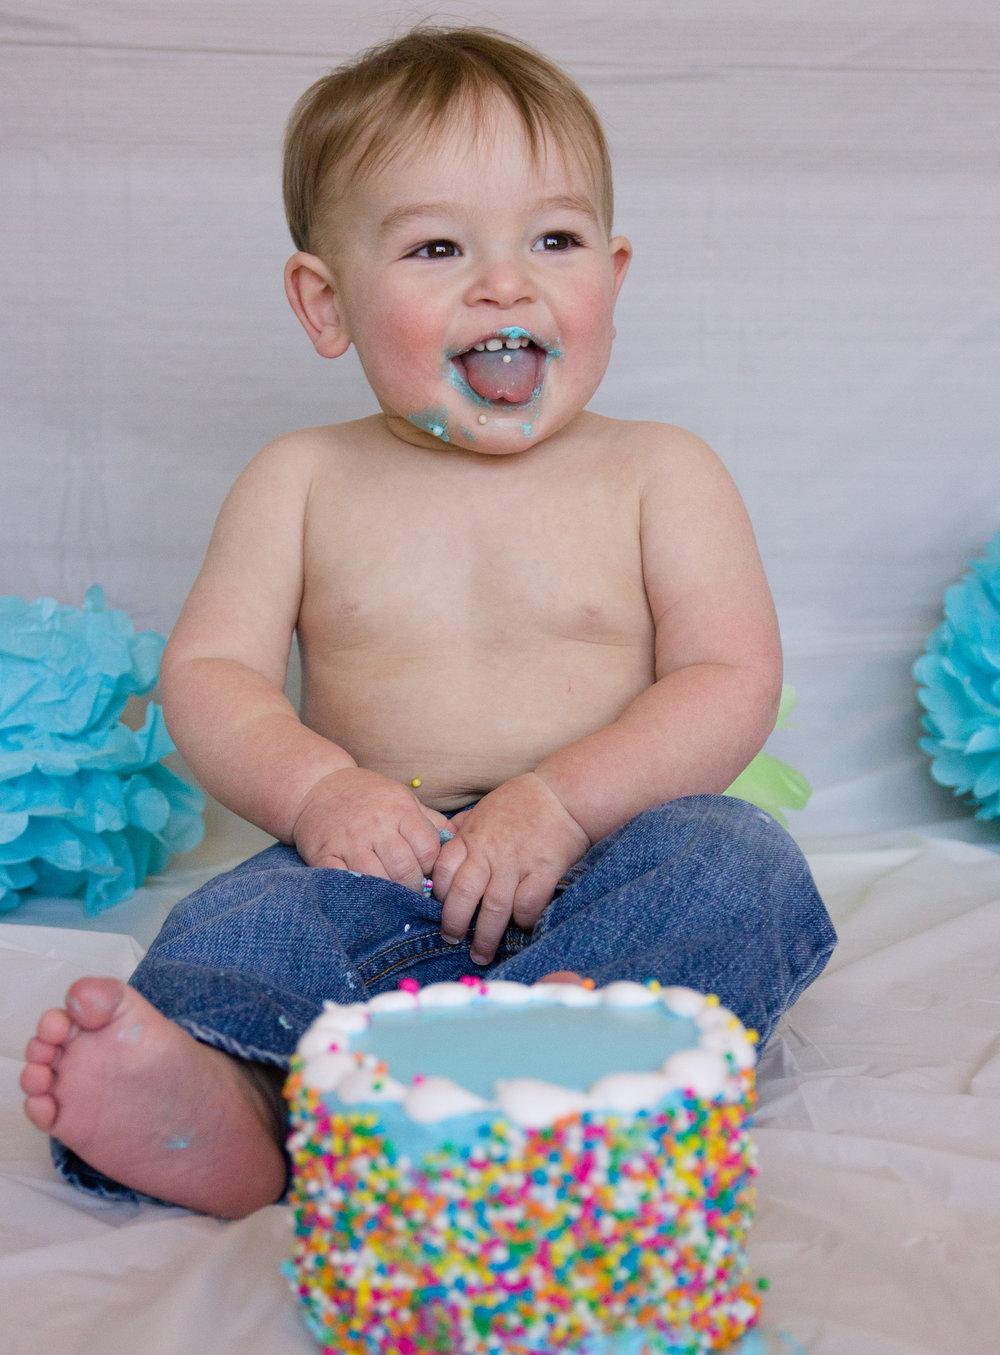 Everett cake 04.jpg